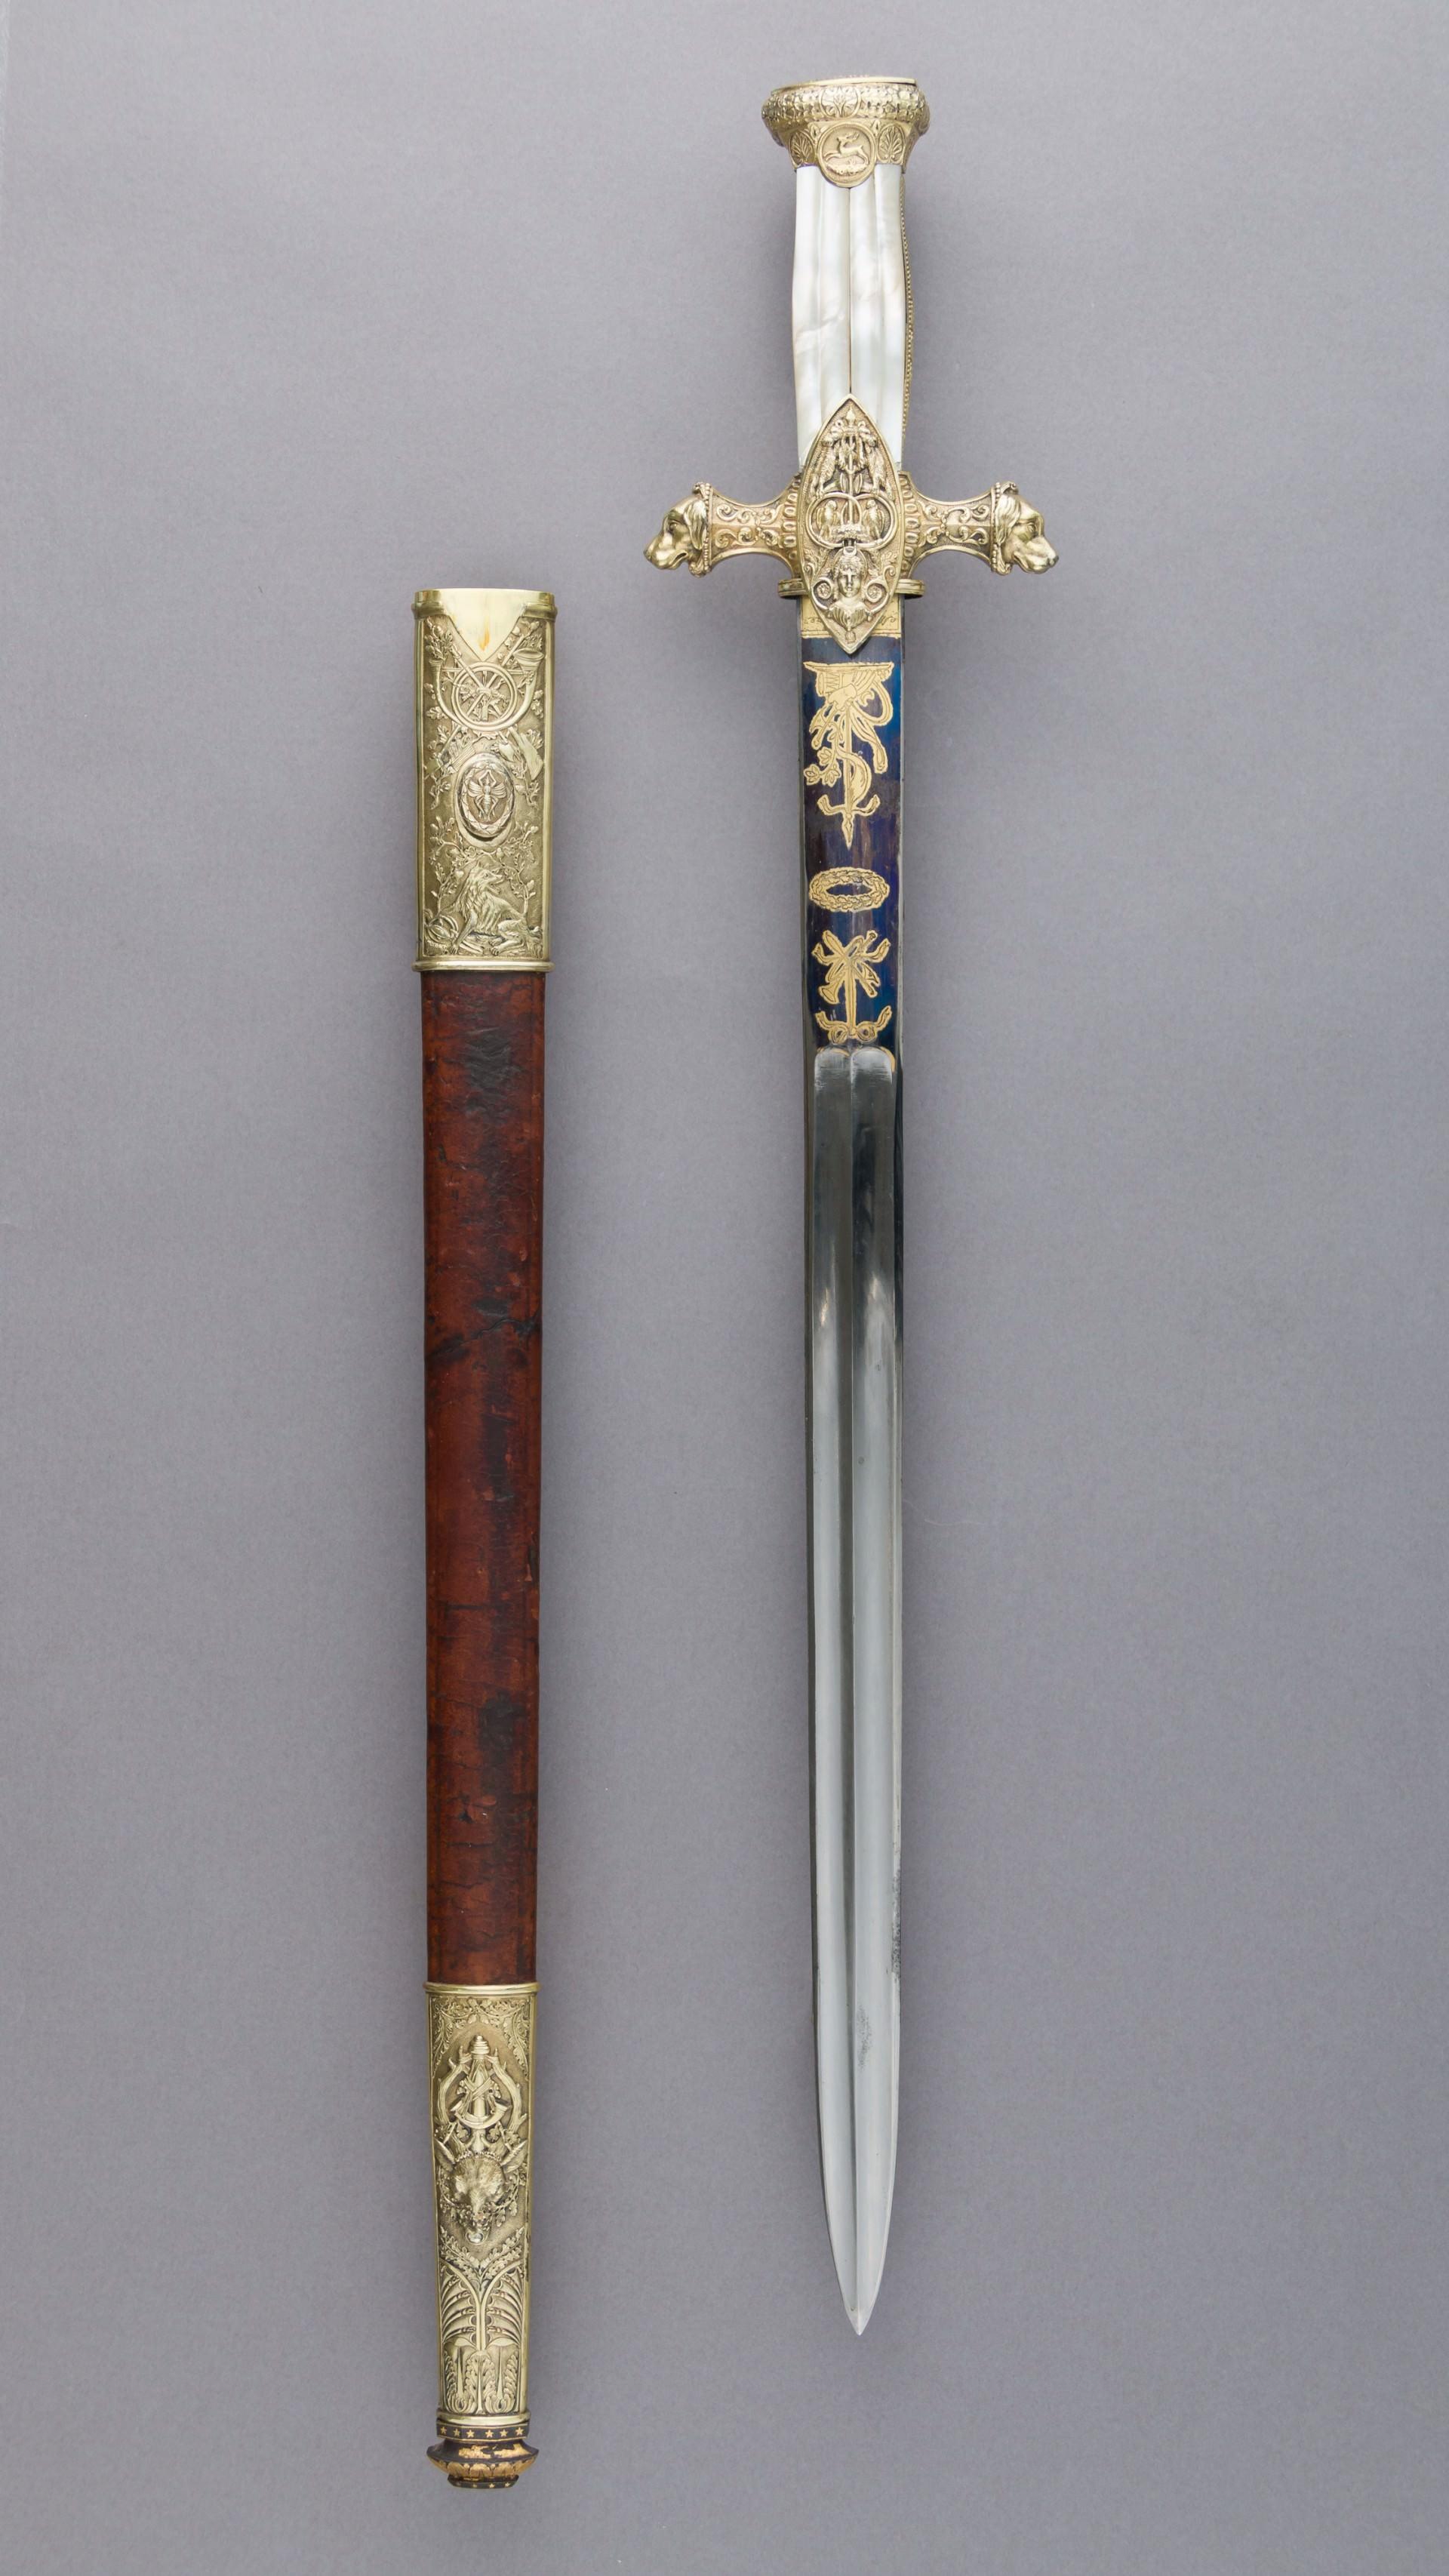 18世紀末,拿破倫的妹夫 Prince Camillo Borghese 的Hunting Sword (狩獵劍)。狩獵劍的作用是給予受傷的動物最後一擊,此時火槍已經出現,可用以節省子彈。(圖片擷取自 Wikimedia)